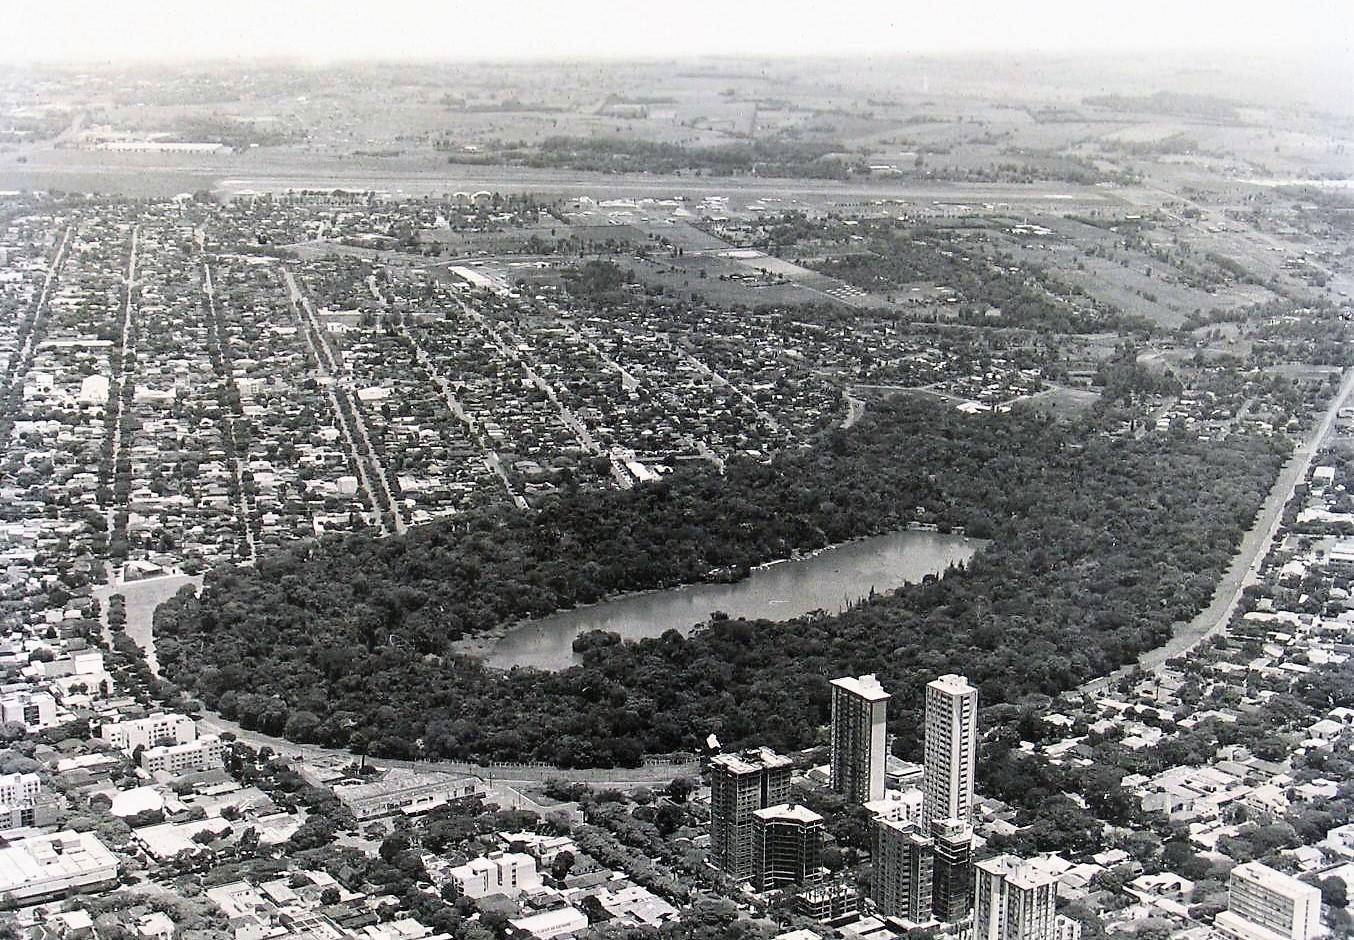 Vista aérea de Maringá - 1982